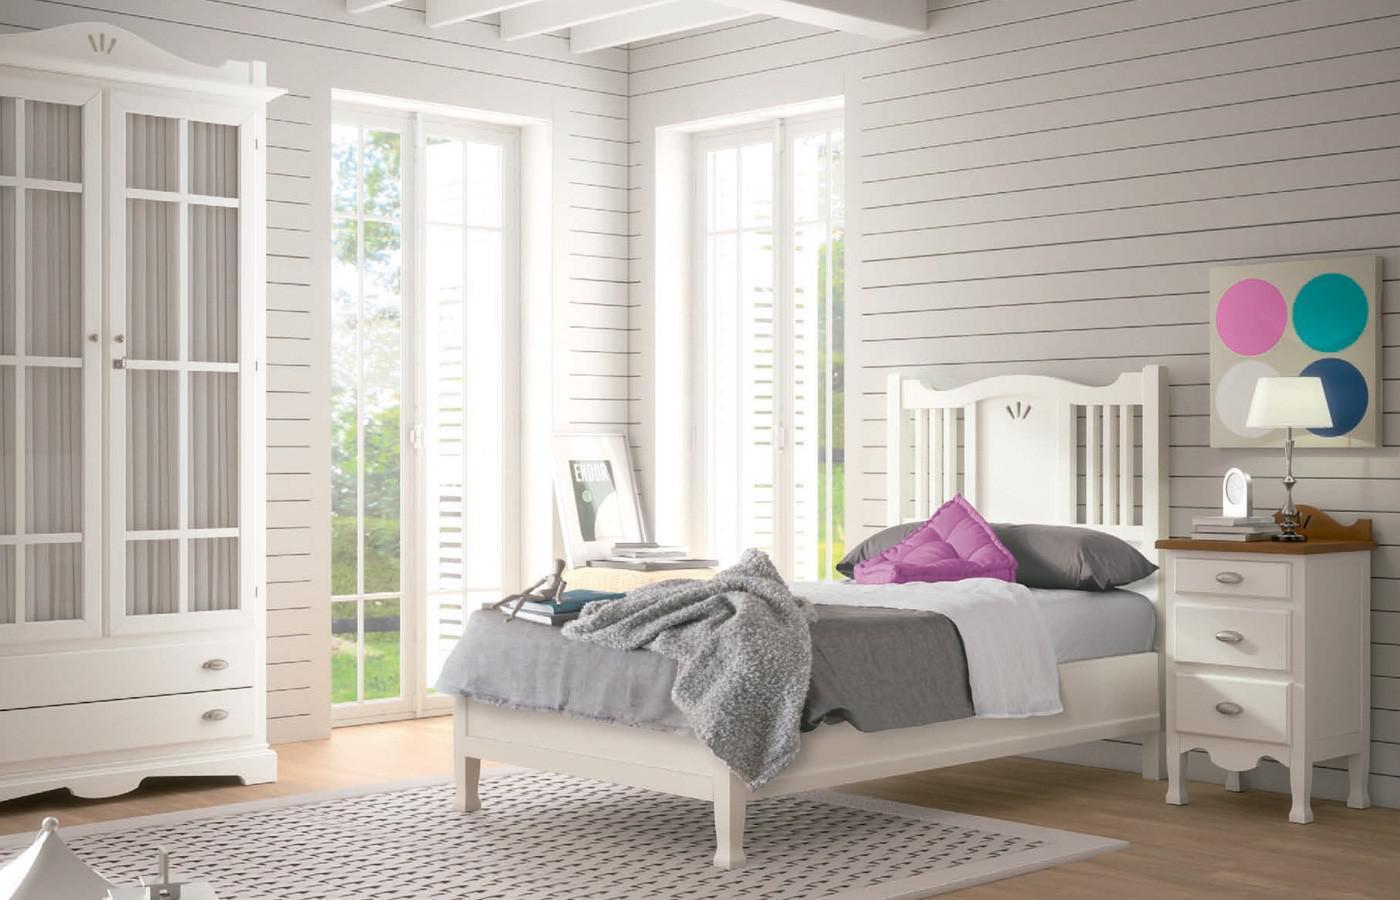 Tipos de camas infantiles que puedes elegir para las habitaciones de tus hijos - Habitaciones juveniles blancas ...